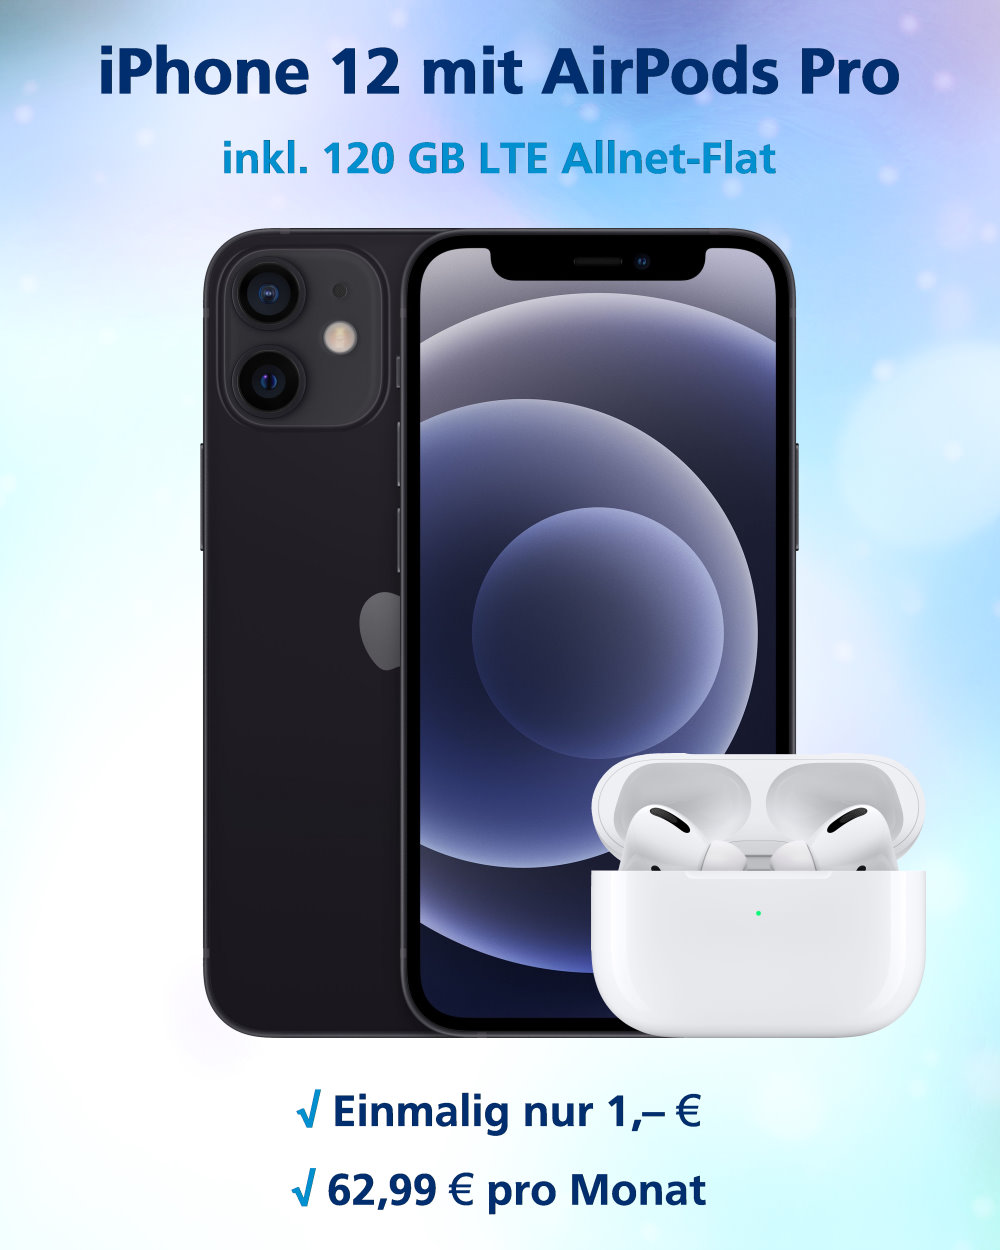 iPhone 12 mit AirPods Pro und 120 GB LTE Allnet-Flat